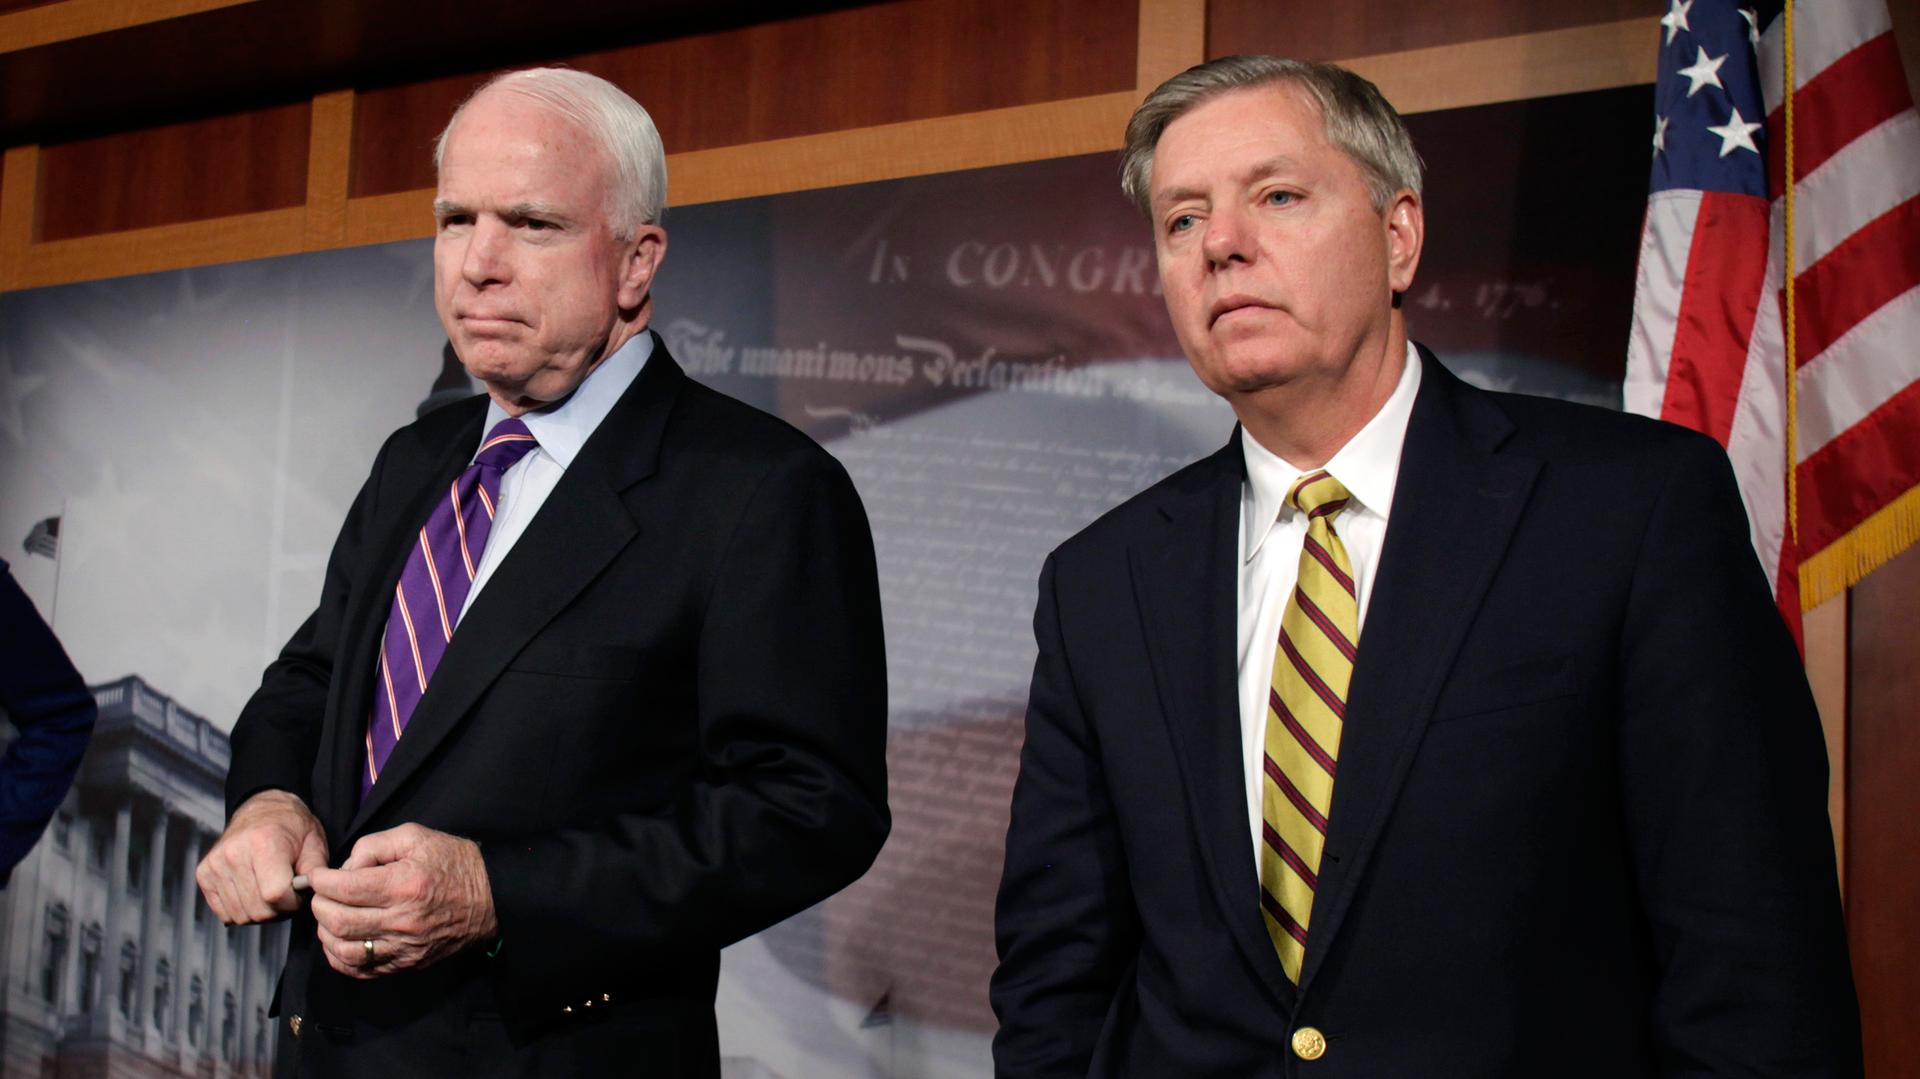 Сенаторы Маккейн и Грэм высмеяли «мощный ход американской дипломатии» Керри